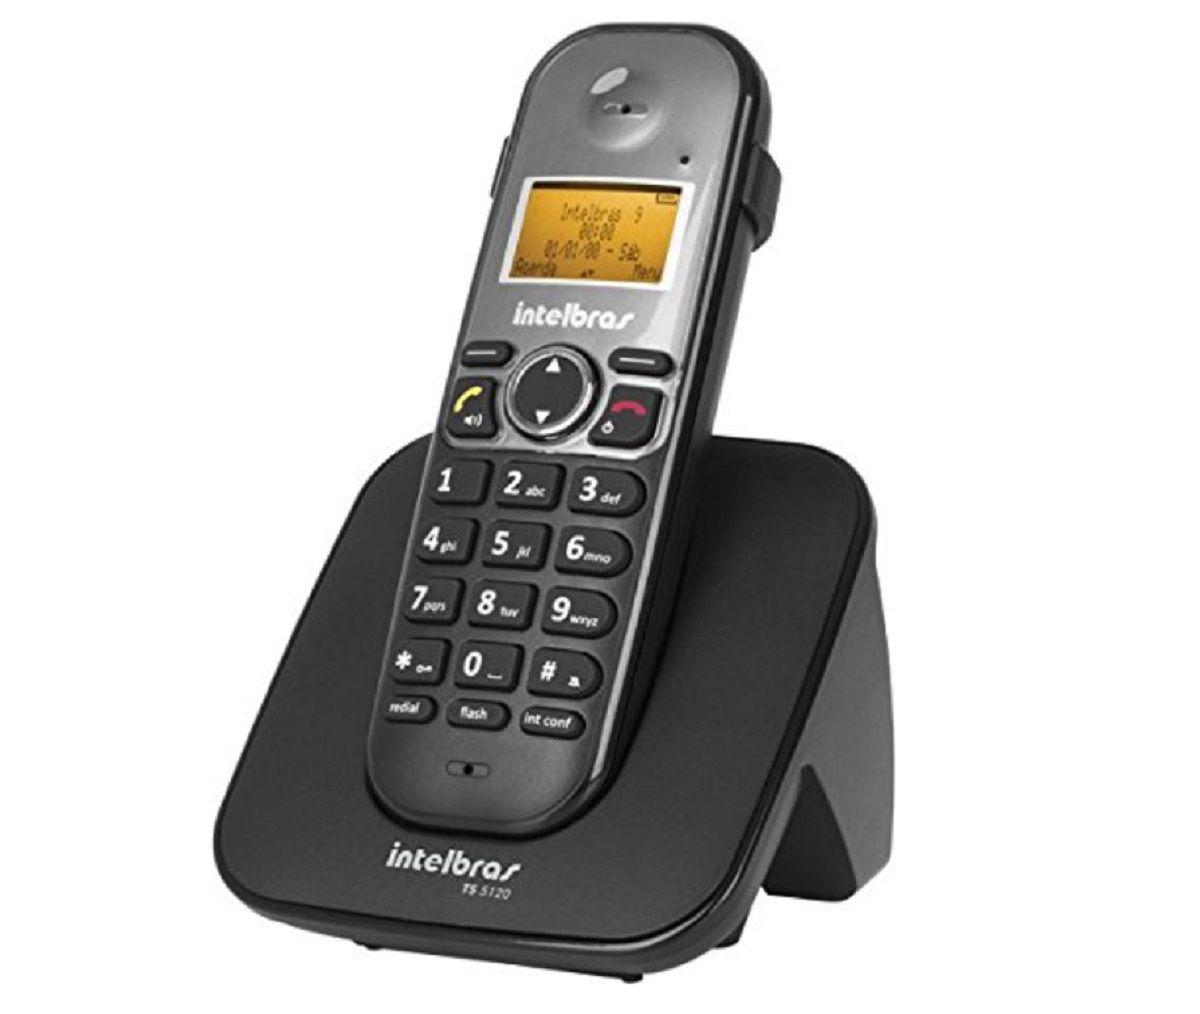 Kit Porteiro Eletronico + Telefone S/fio Intelbras Tis 5010